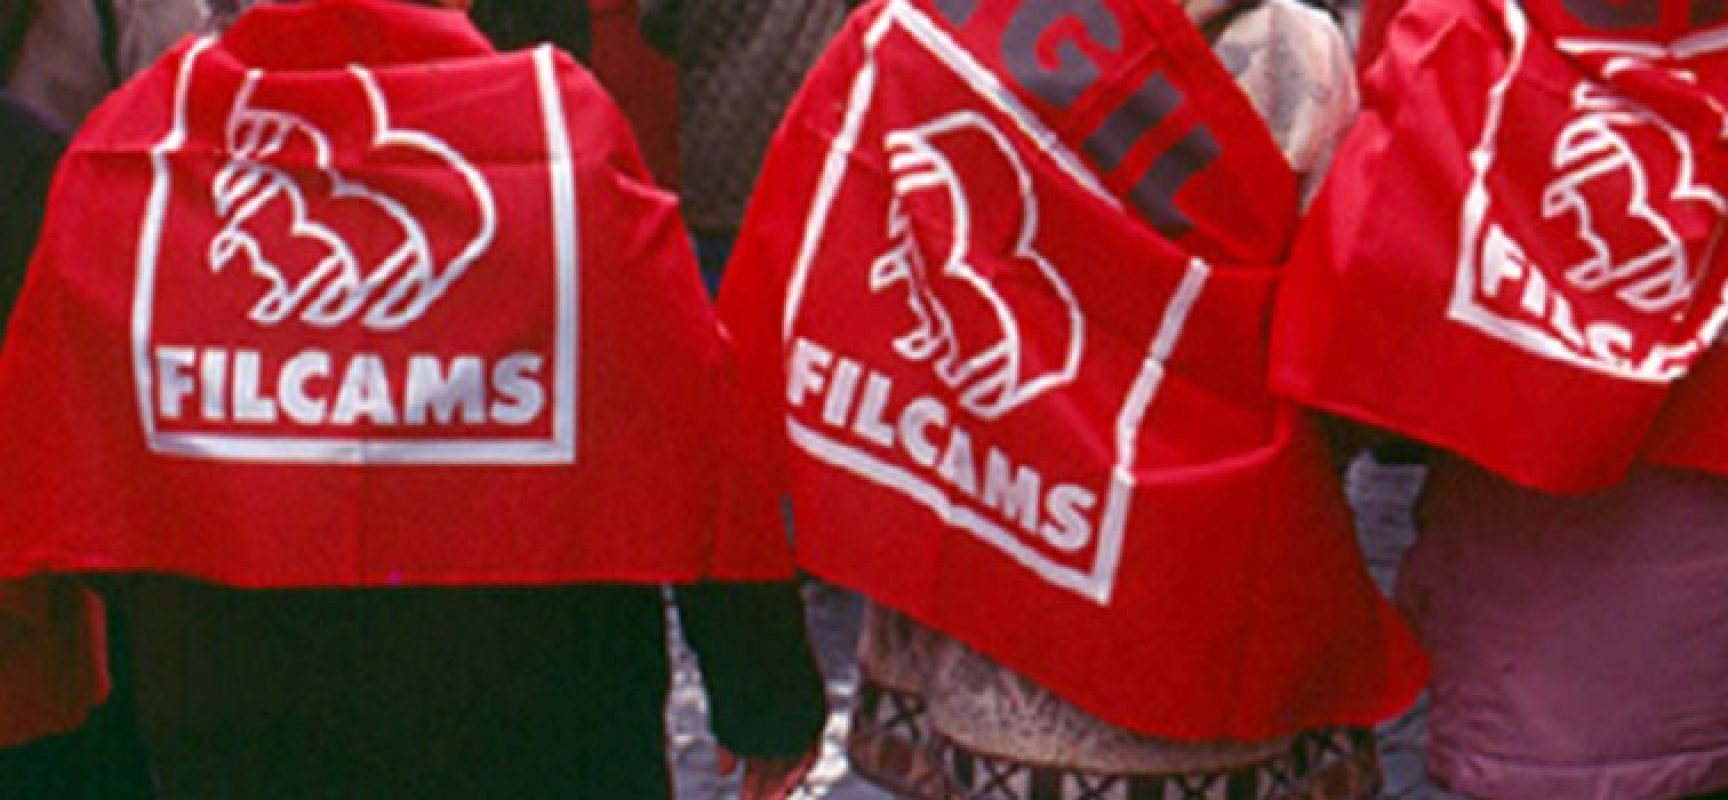 Segretaria Filcams aggredita a Bisceglie, solidarietà da Cgil Bat